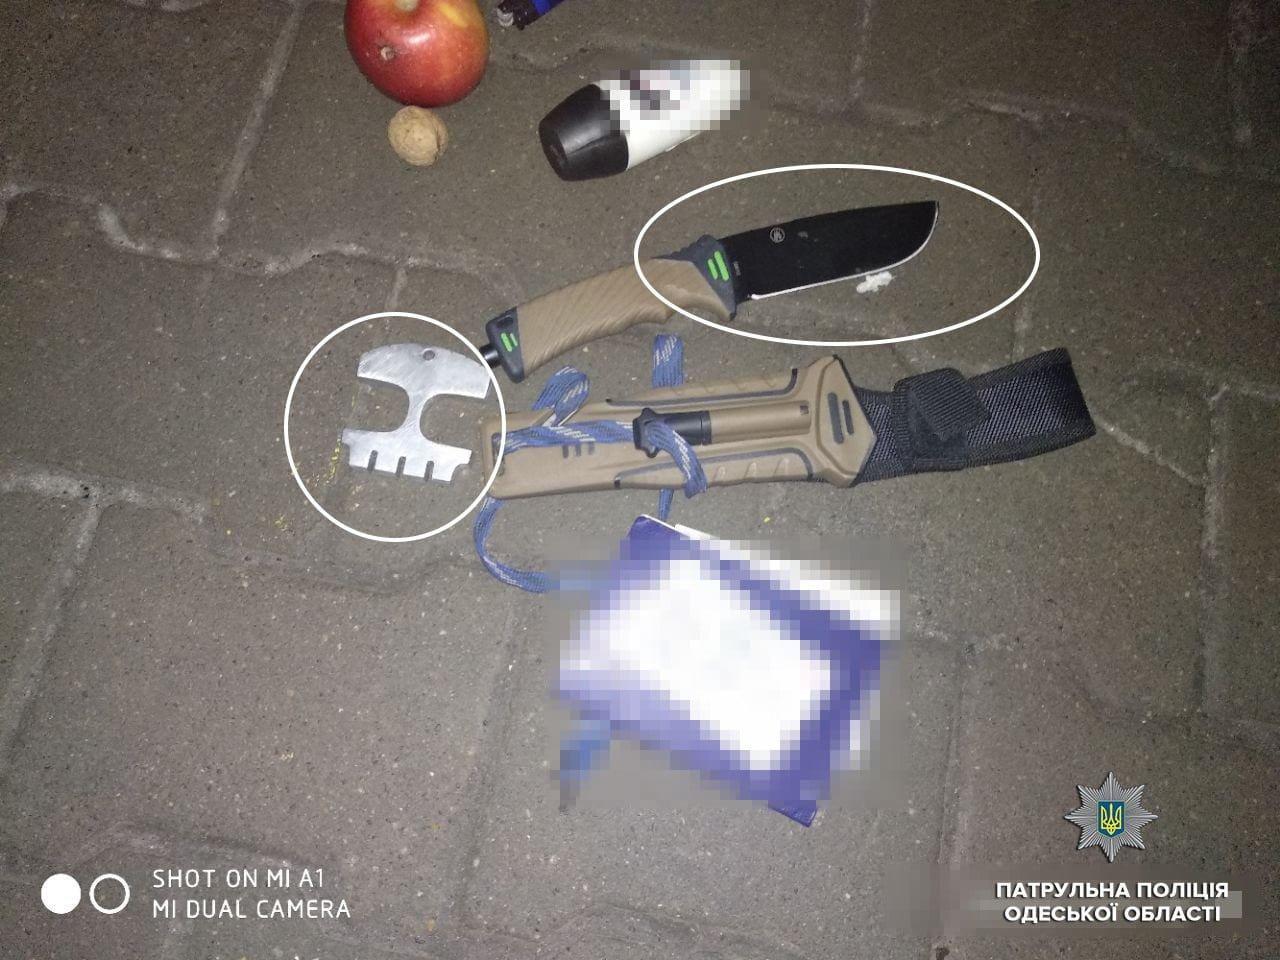 Яблоко, дезодорант и нож: в Одессе задержали мужчину, который бросался на людей, - ФОТО, фото-1